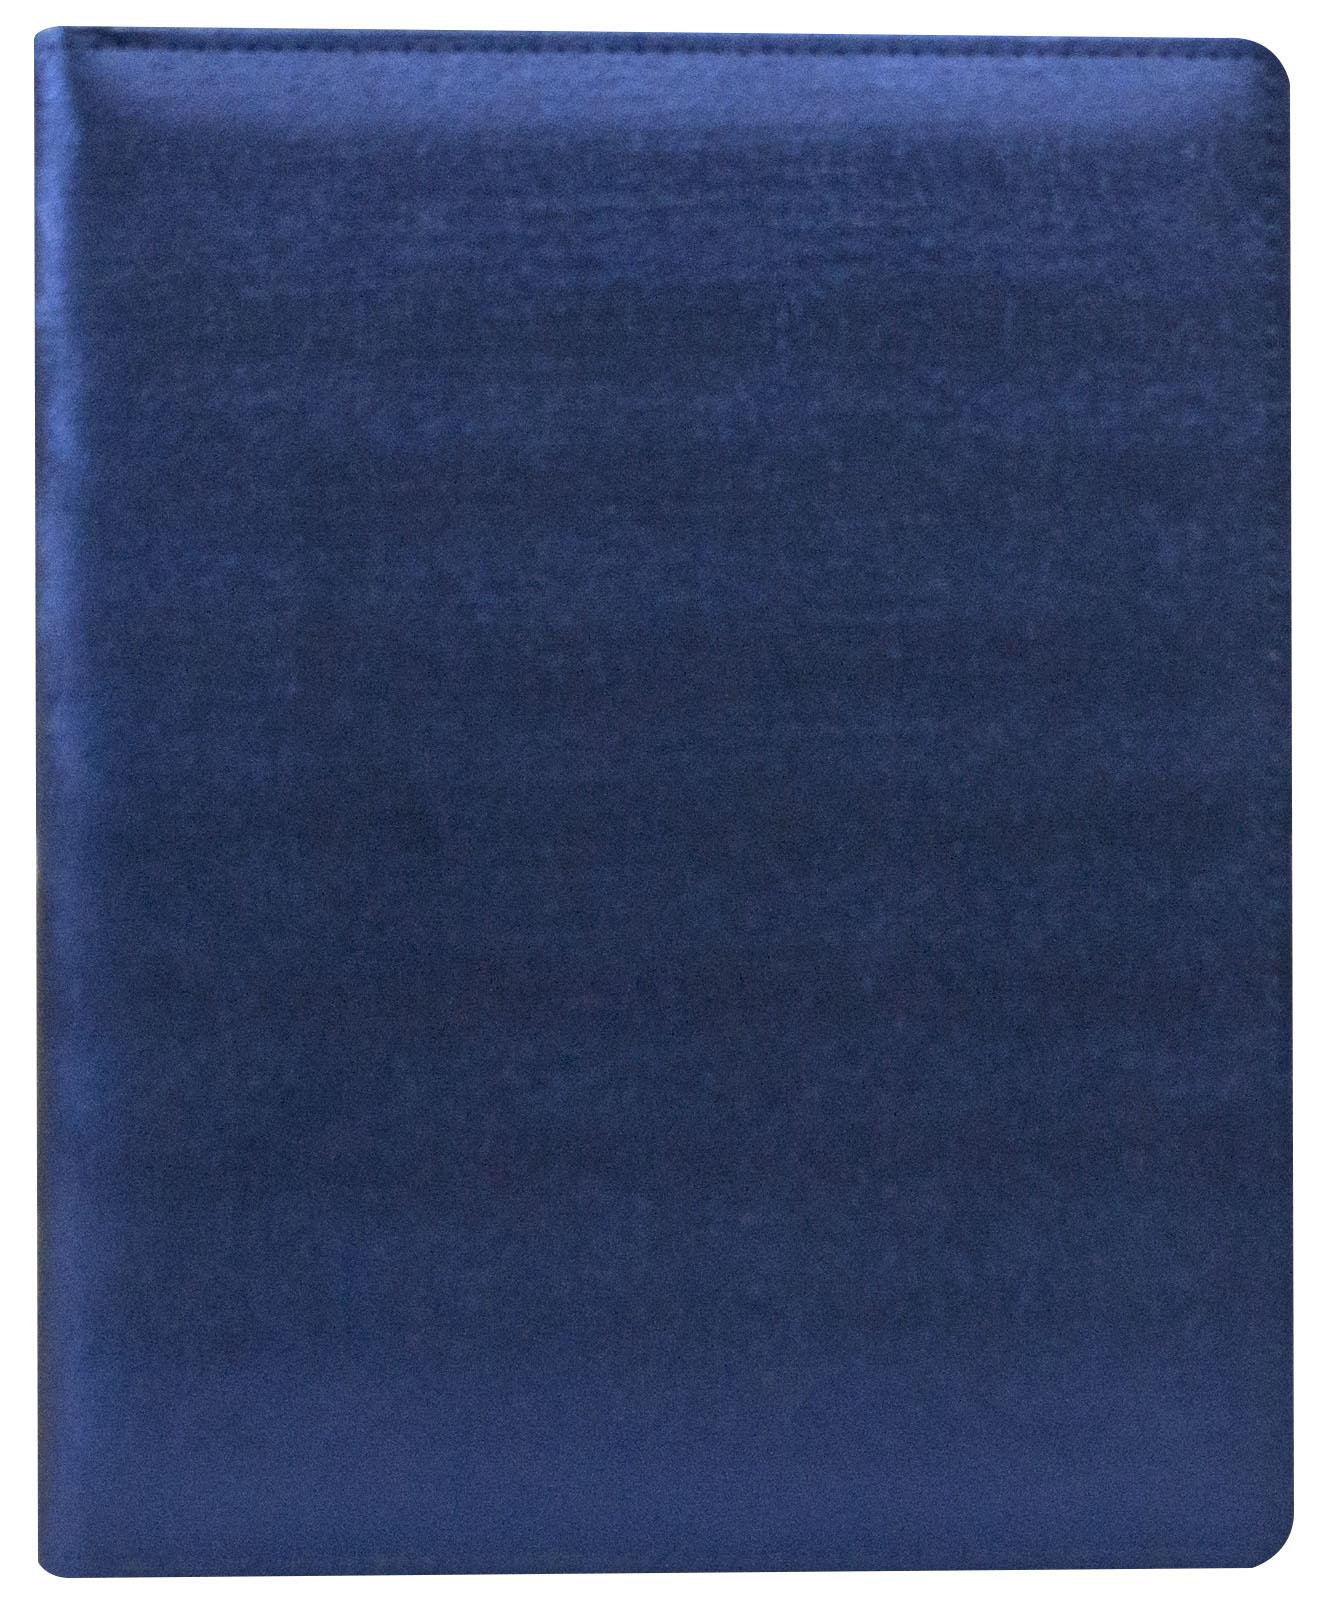 Agenda Planner Bonded Paper Based Blue